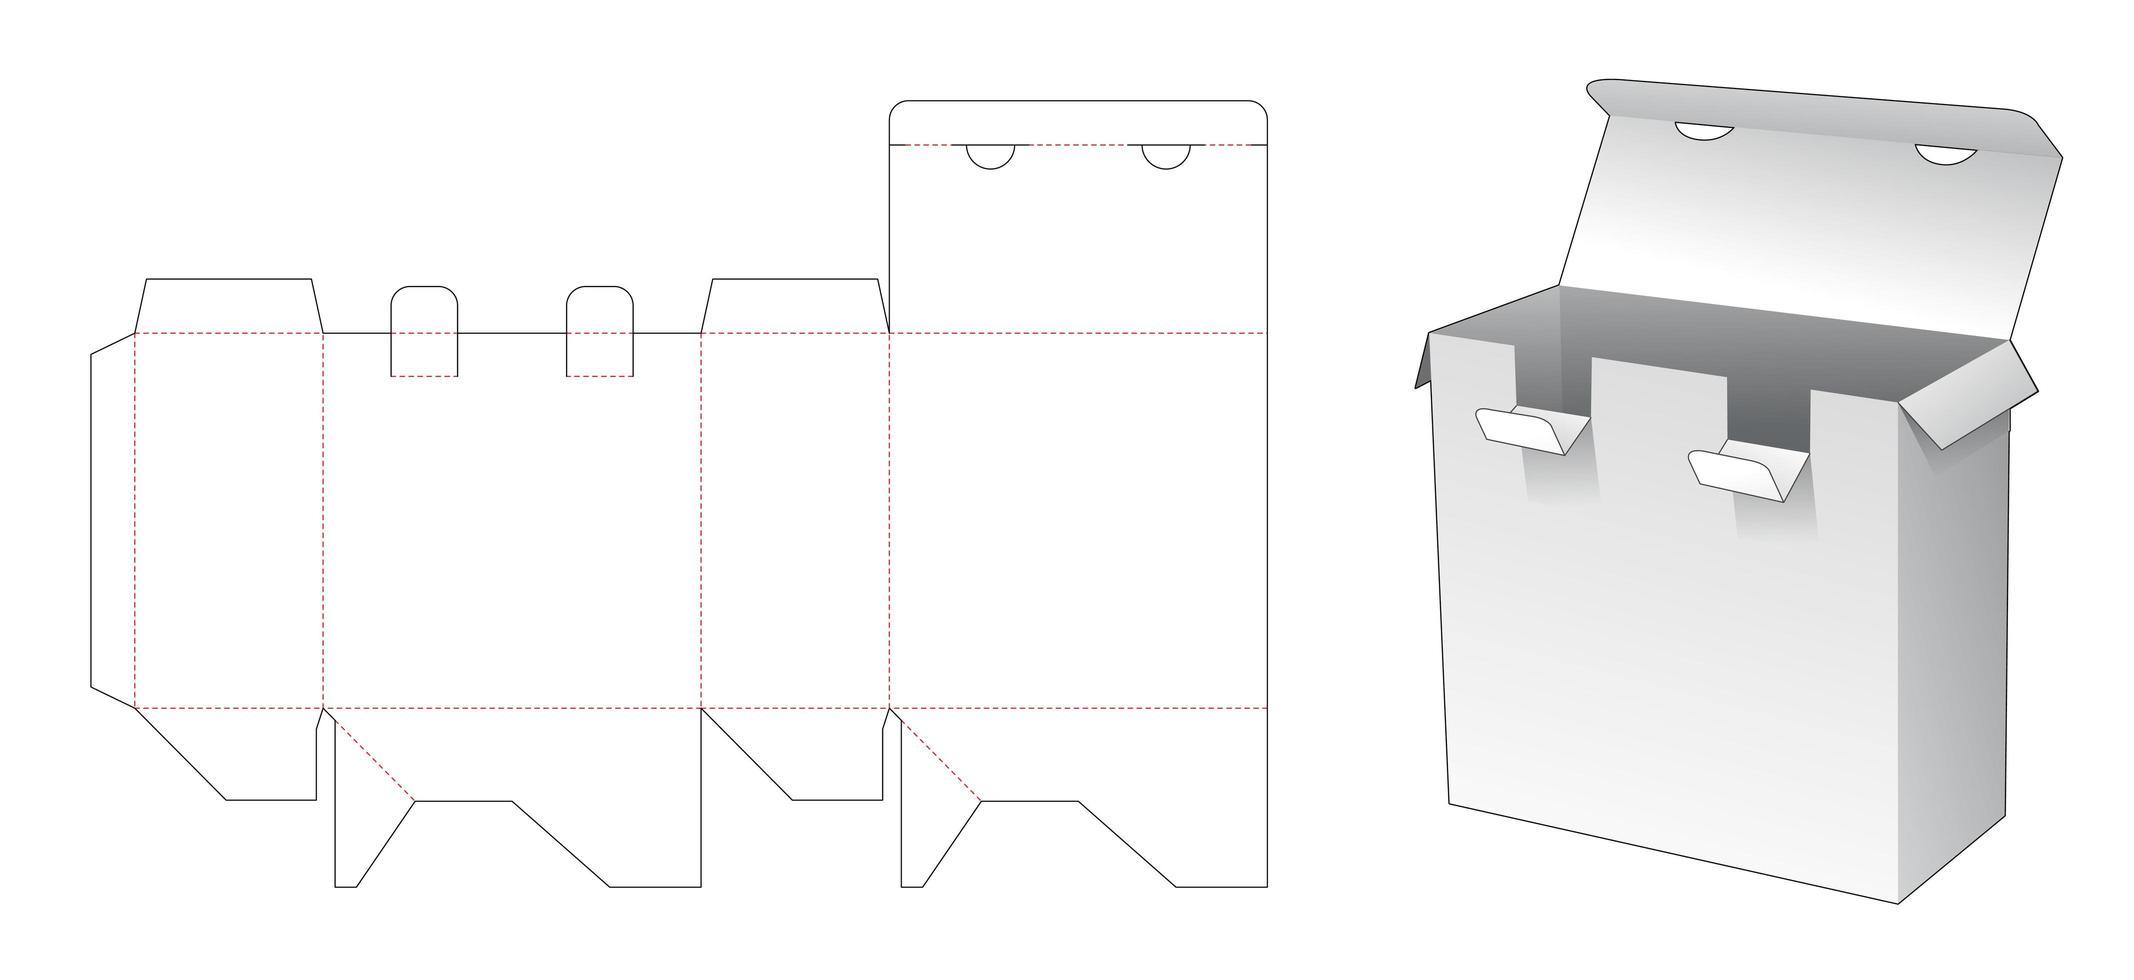 Verpakkingsdoos met 2 sluitpunten vector